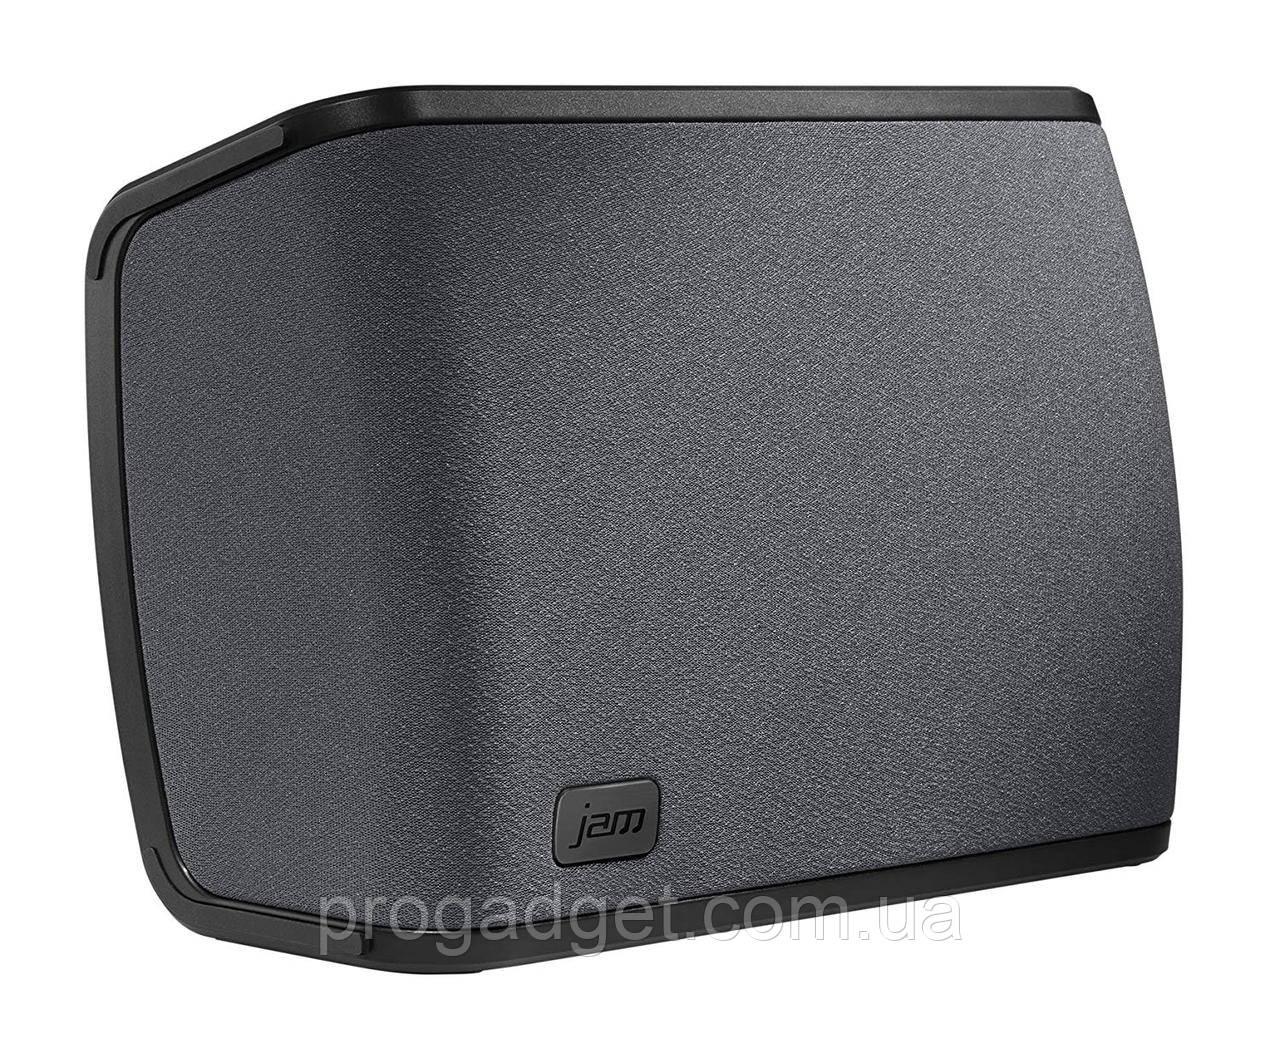 Колонка JAM Rhythm HX-W09901 WiFi Home Audio Black Amazon Alexa Voice Service Sync up to 8 Speakers 2.1 stereo